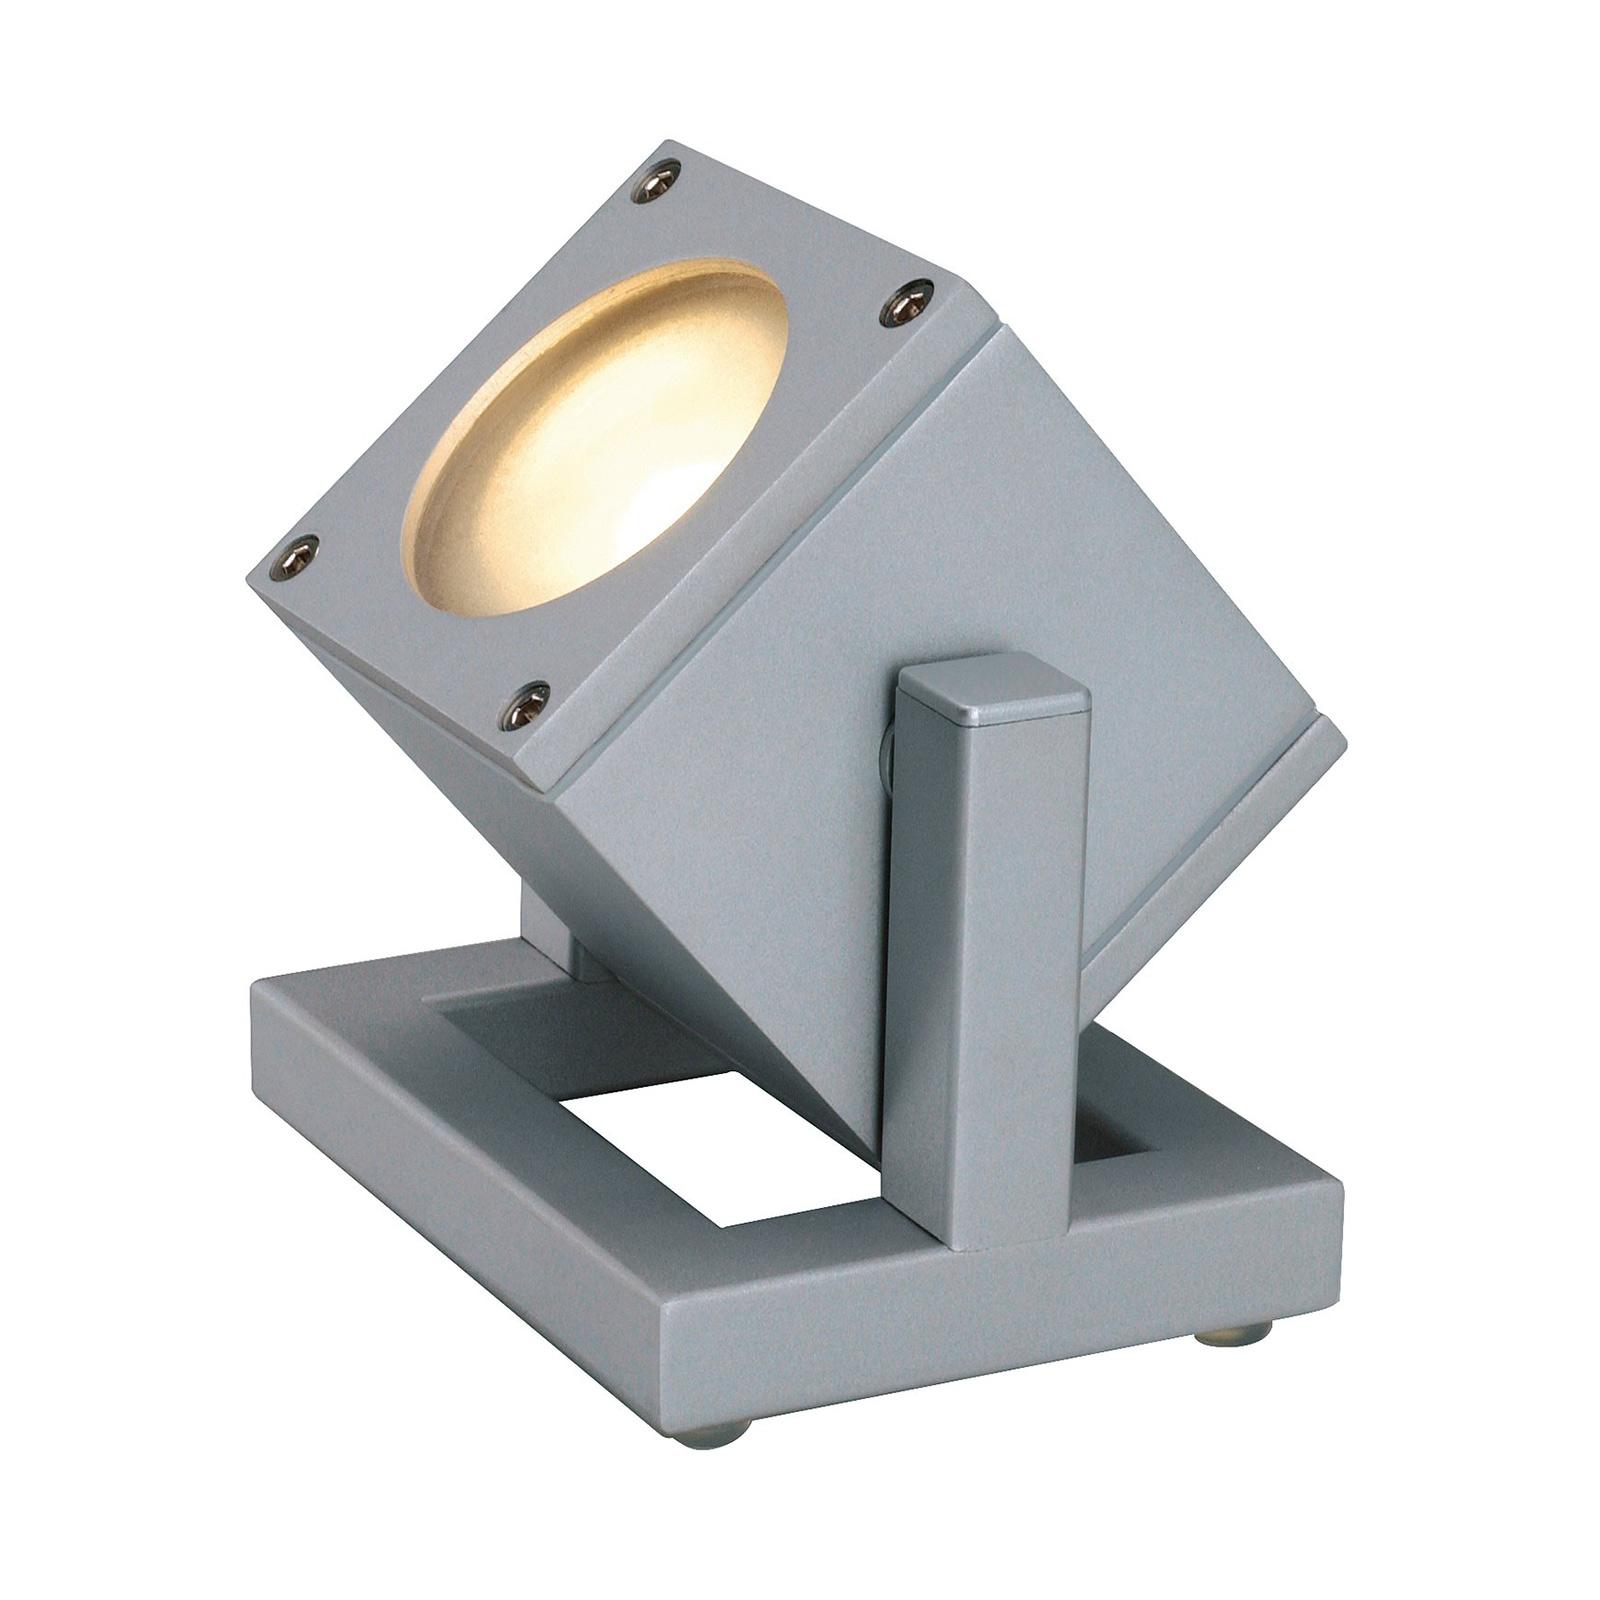 SLV Cubix I buitenspot IP44 zilvergrijs